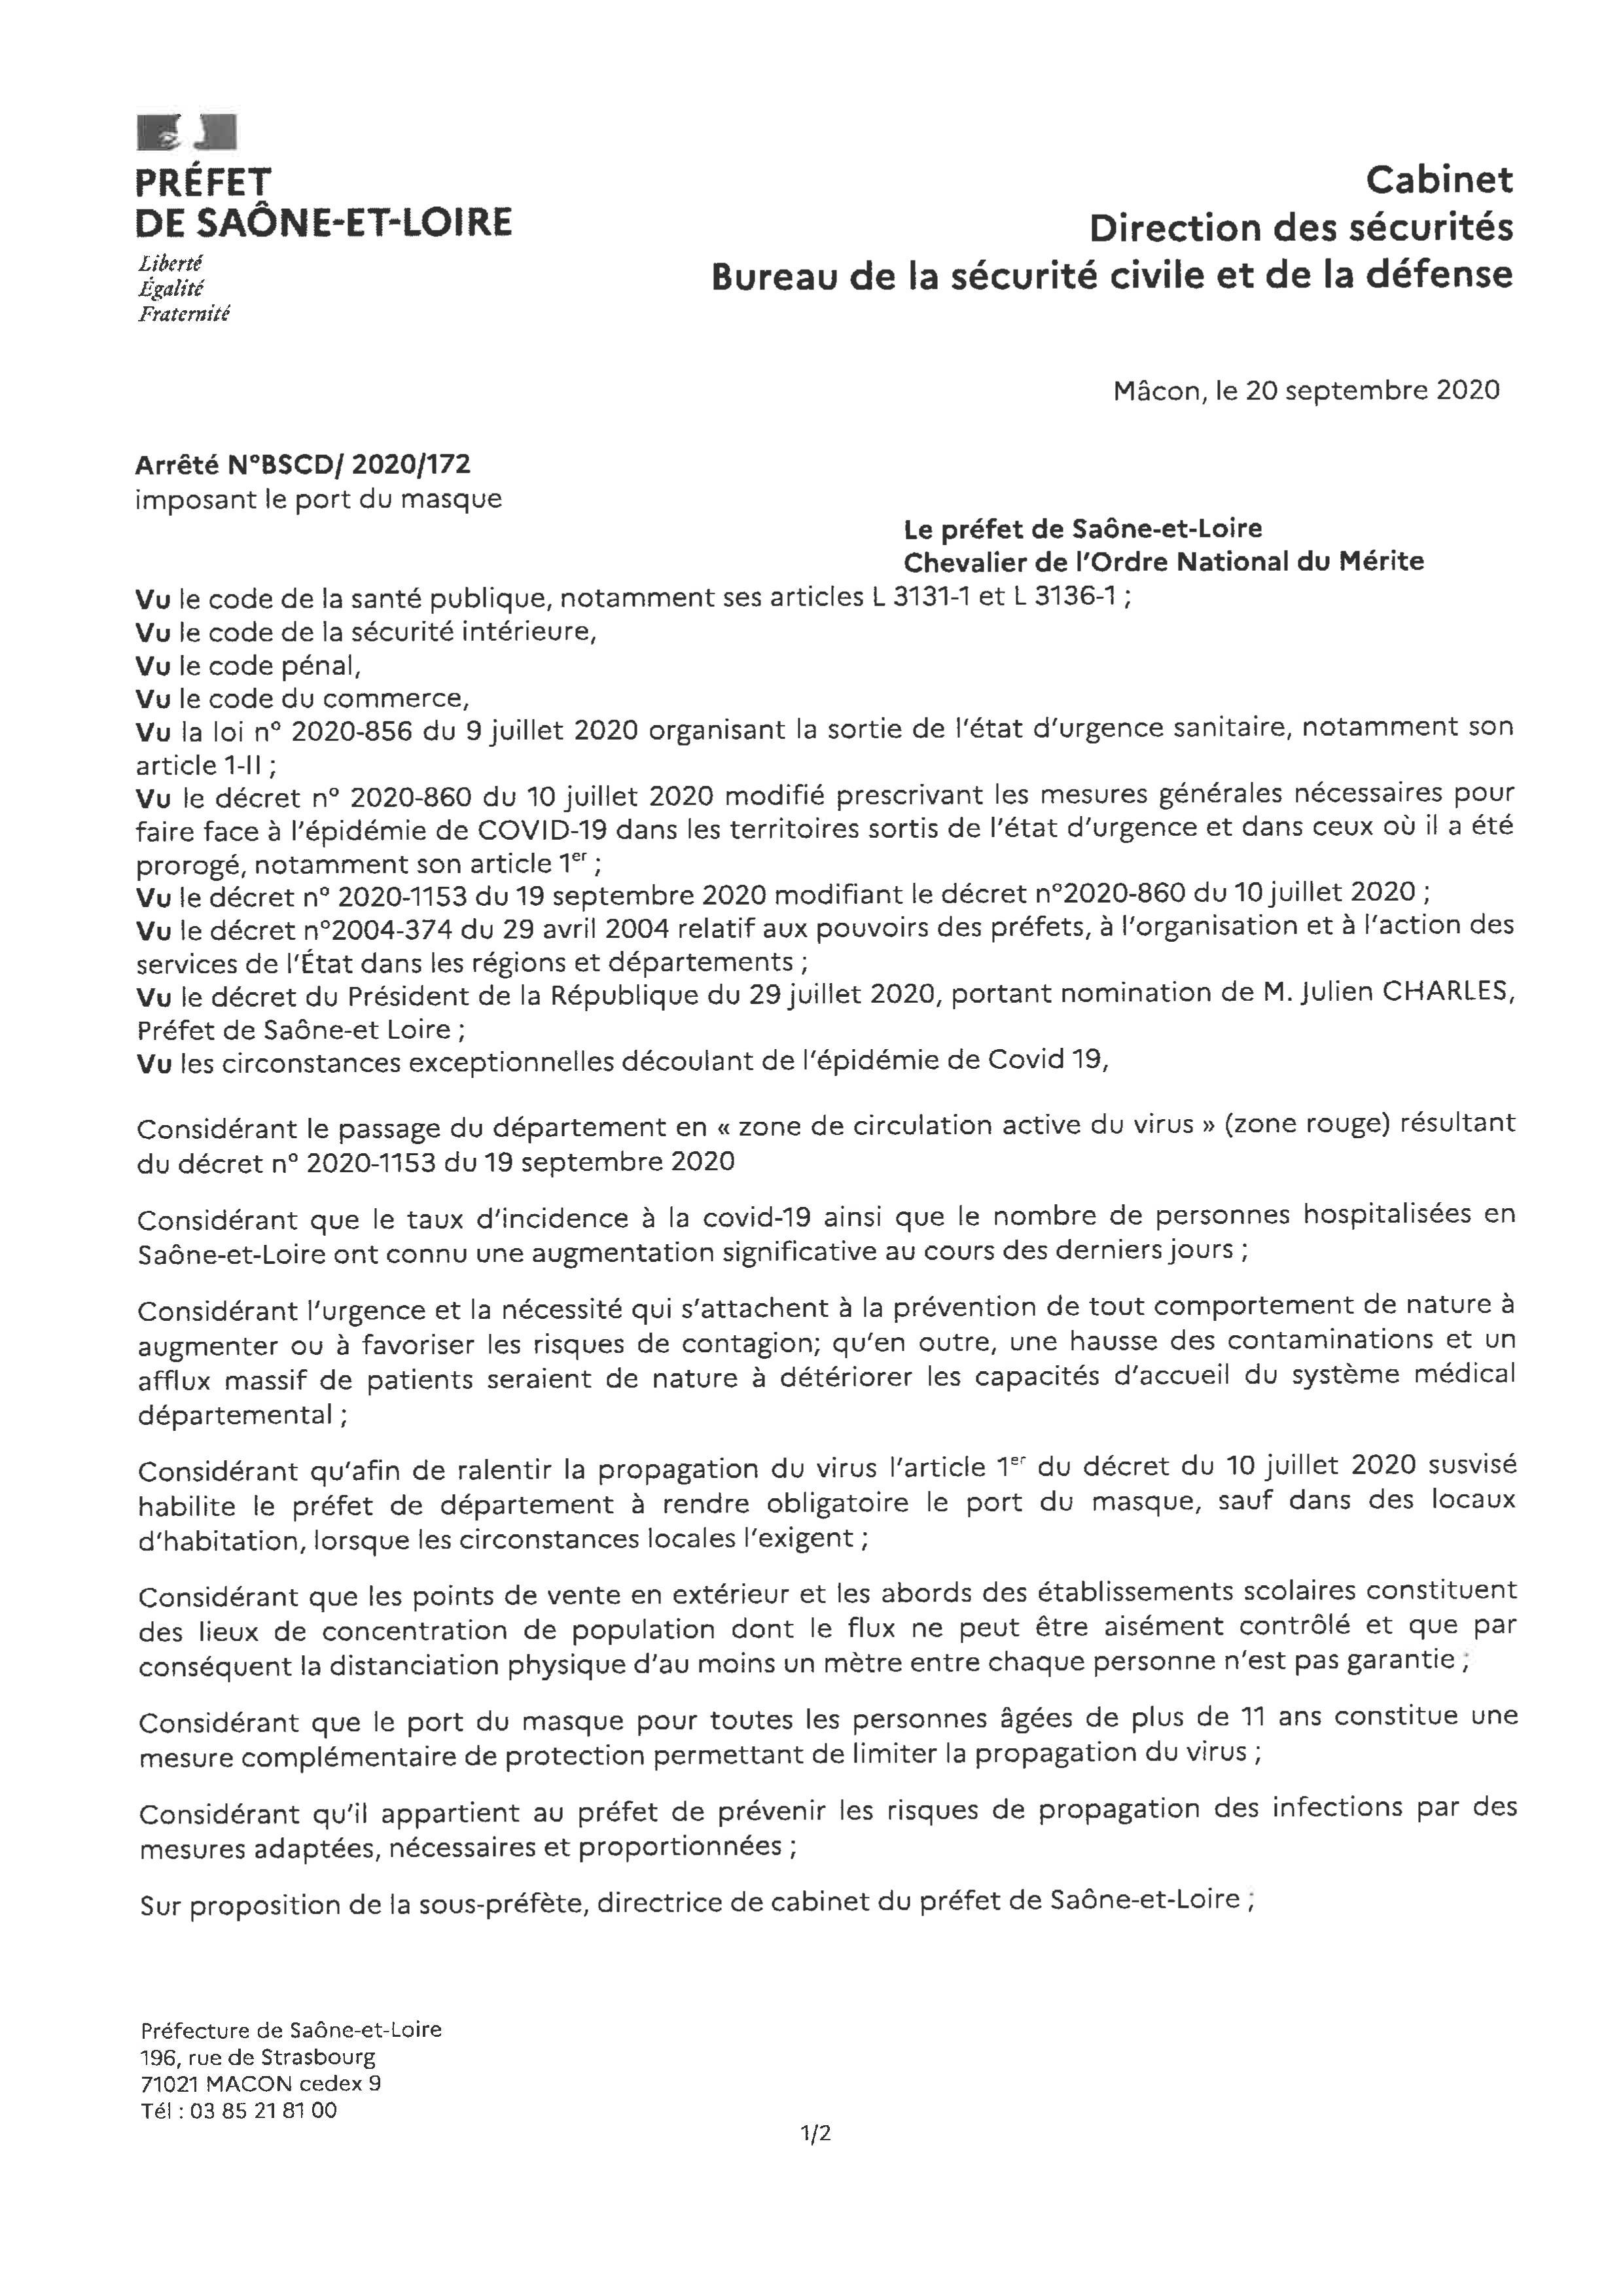 Arrêté préfectoral du 20 septembre 2020 portant sur le port du masque